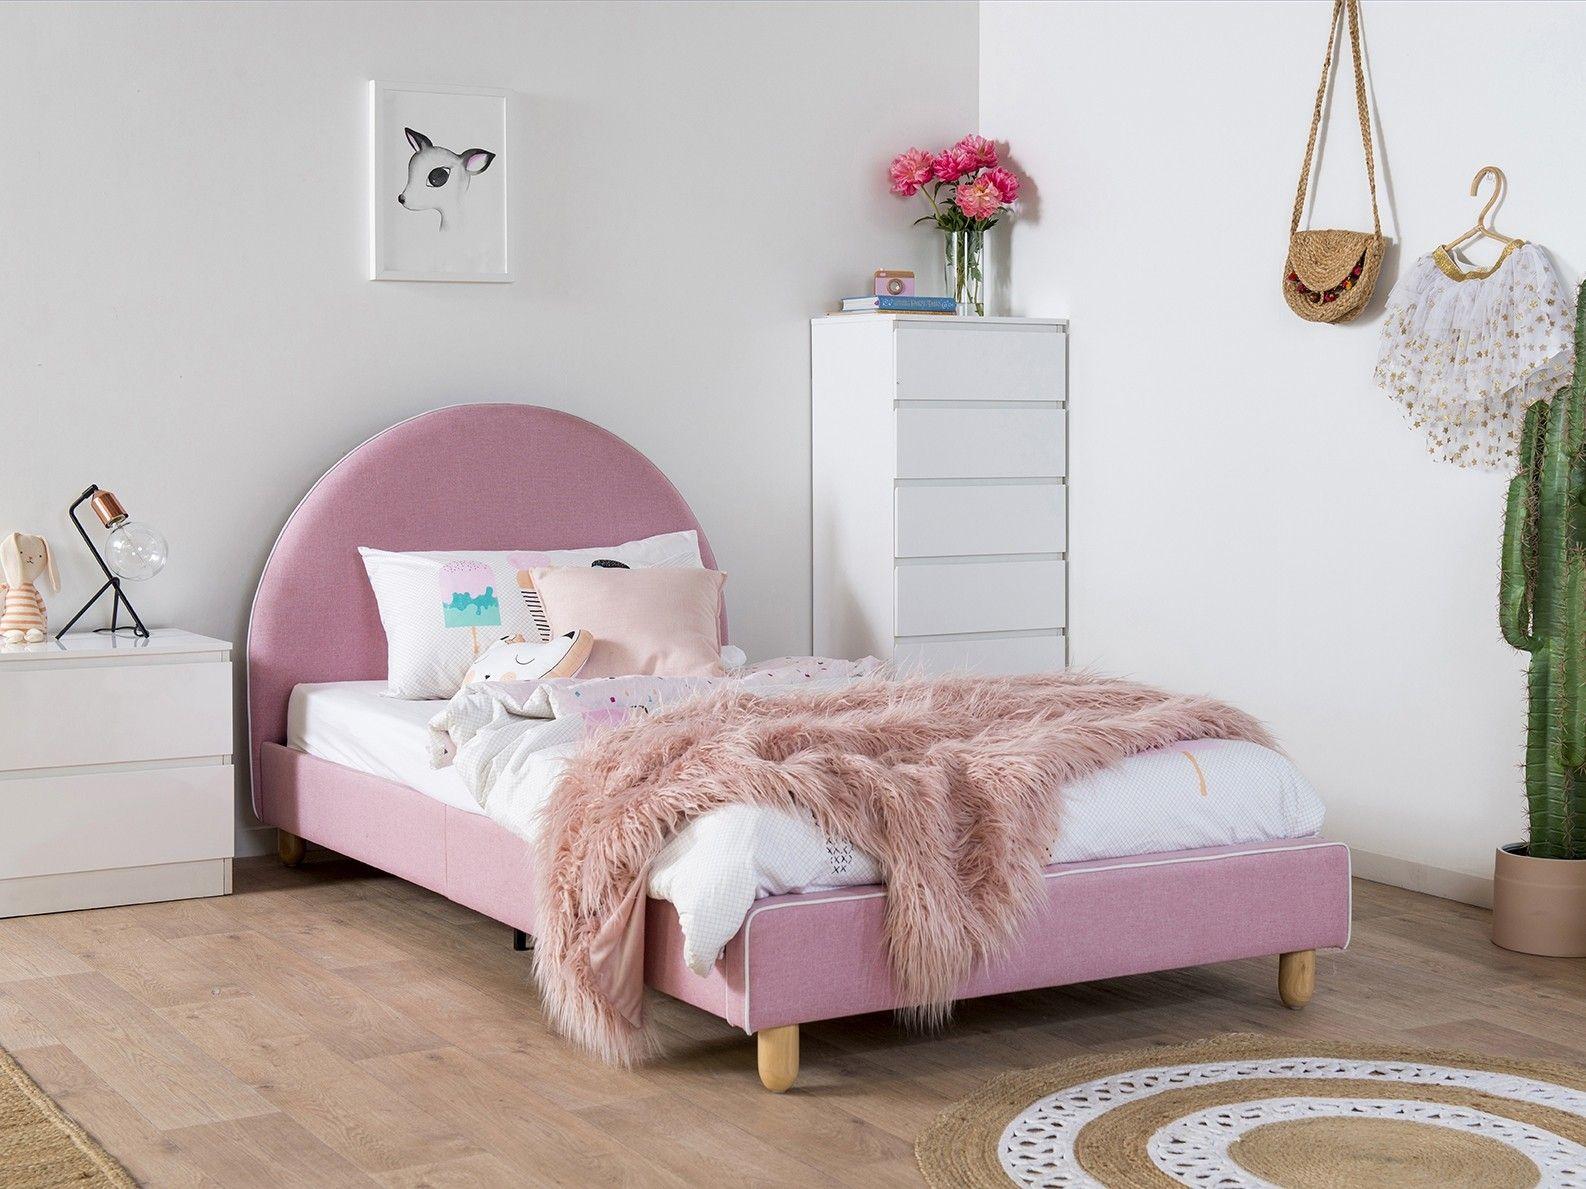 Dani Bed - Kids Bedroom Furniture  Mocka AU  Kid beds, Kids